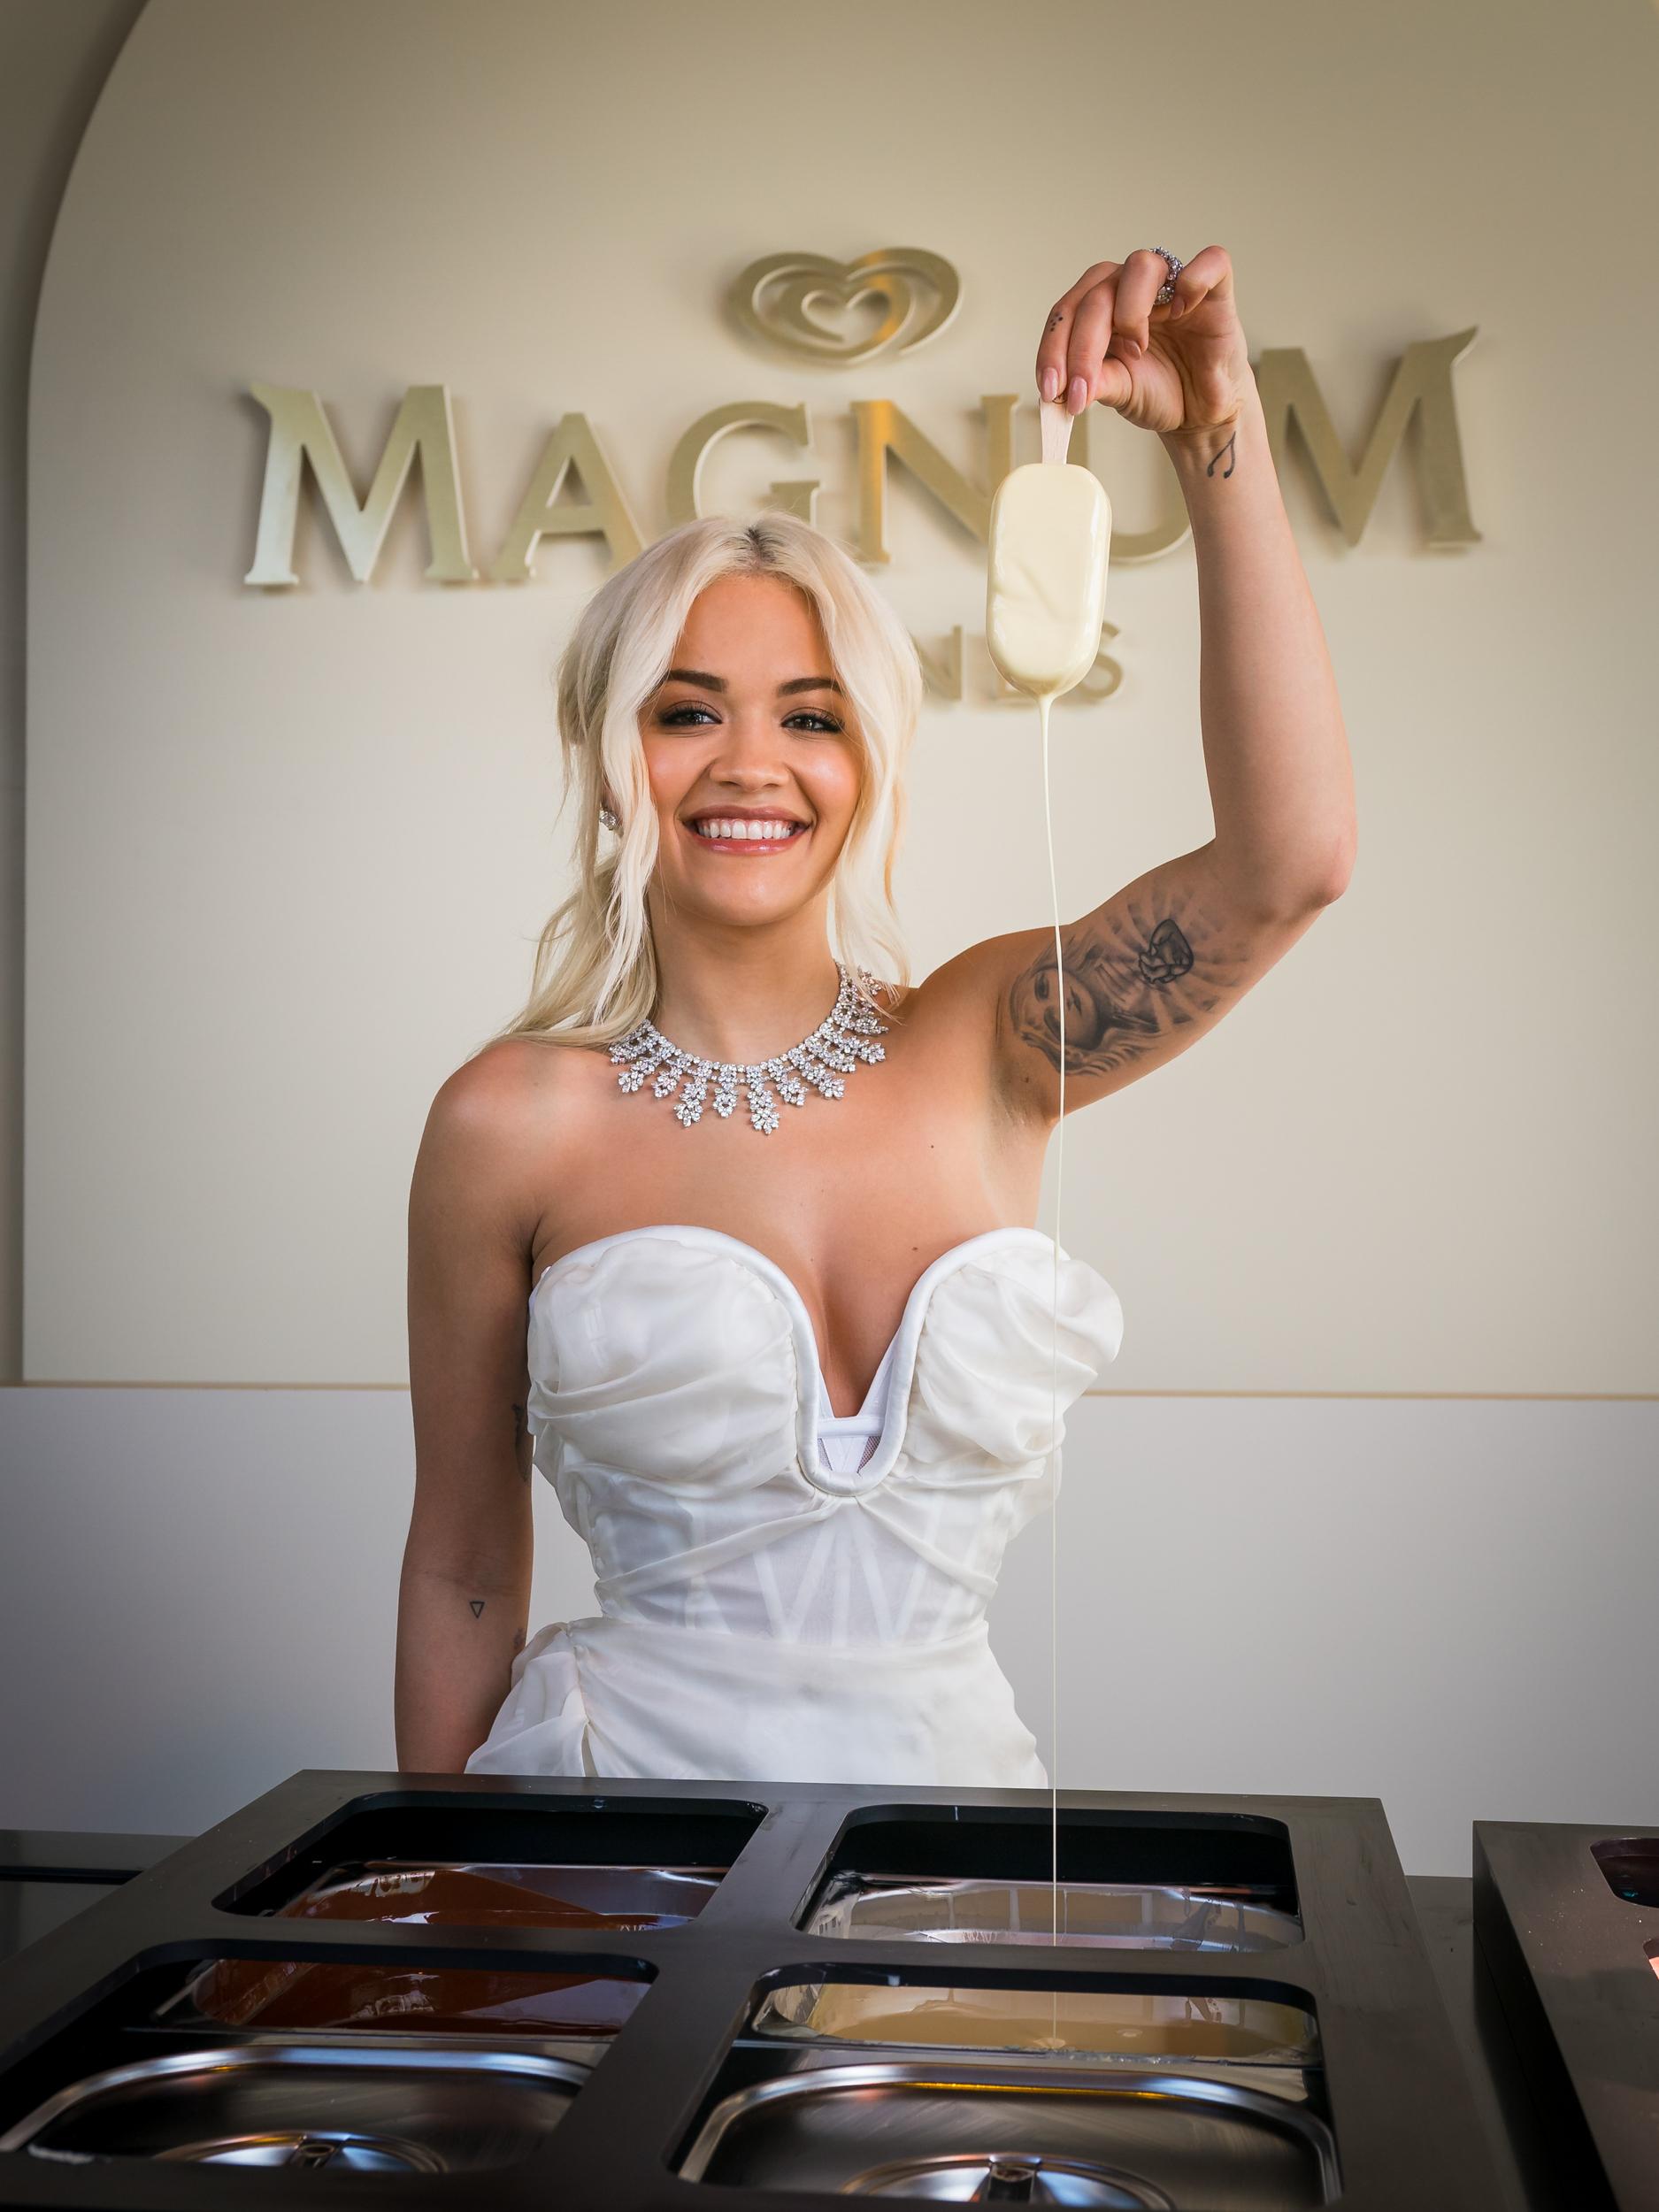 Magnum Cannes 2019_Florian Leger_HD_N°-511.jpg